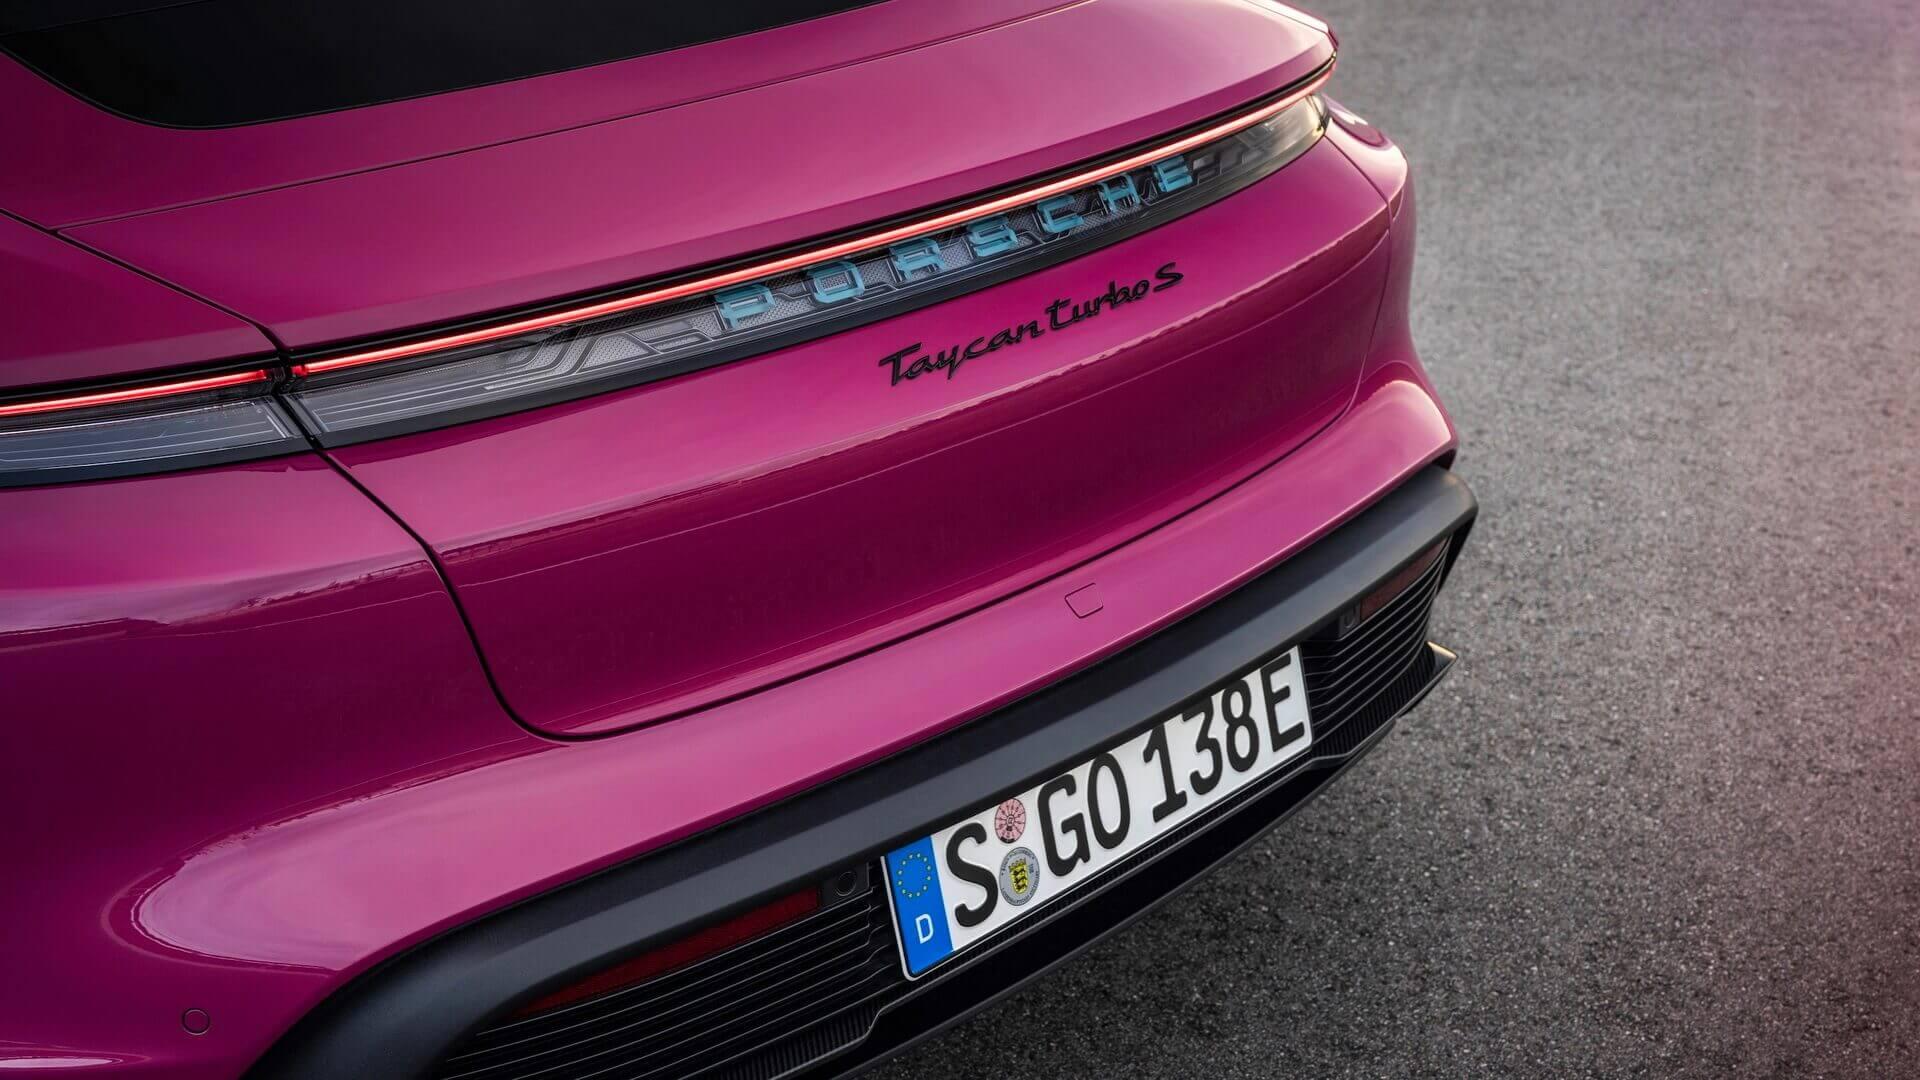 Porsche Taycan и Taycan Cross Turismo 2022 модельного года получили индивидуальные лакокрасочные покрытия